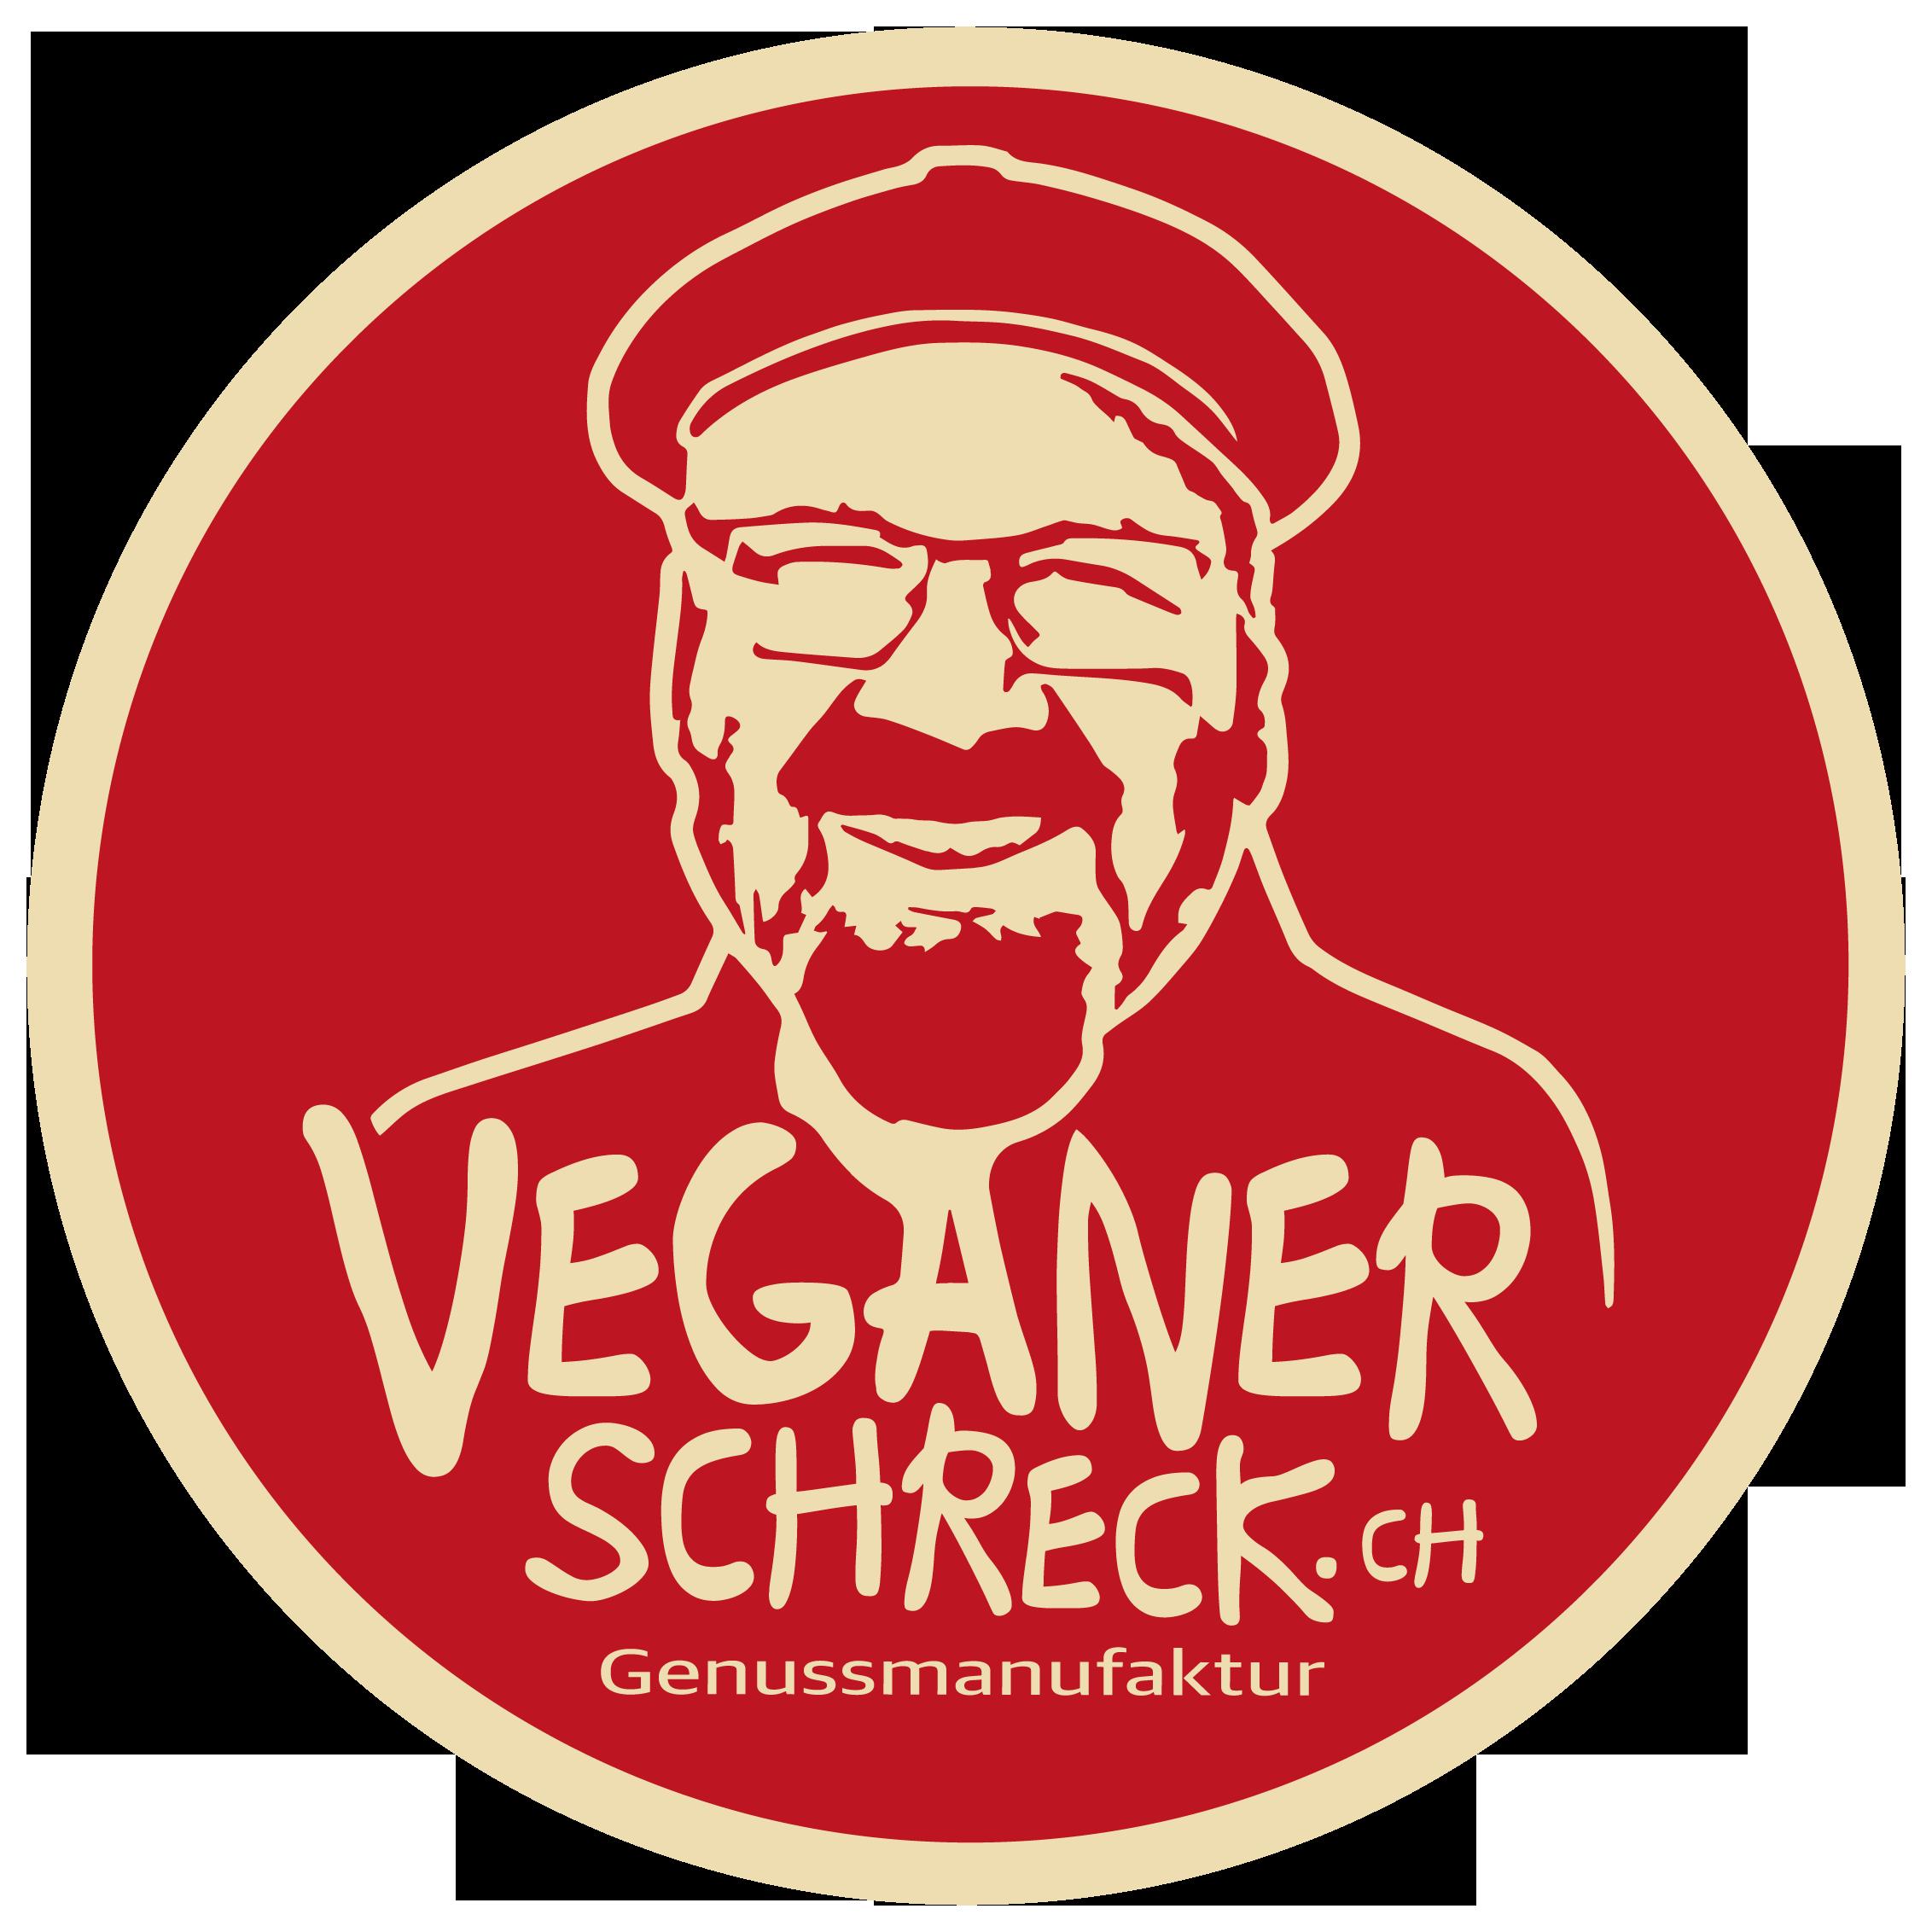 veganerschreck.ch